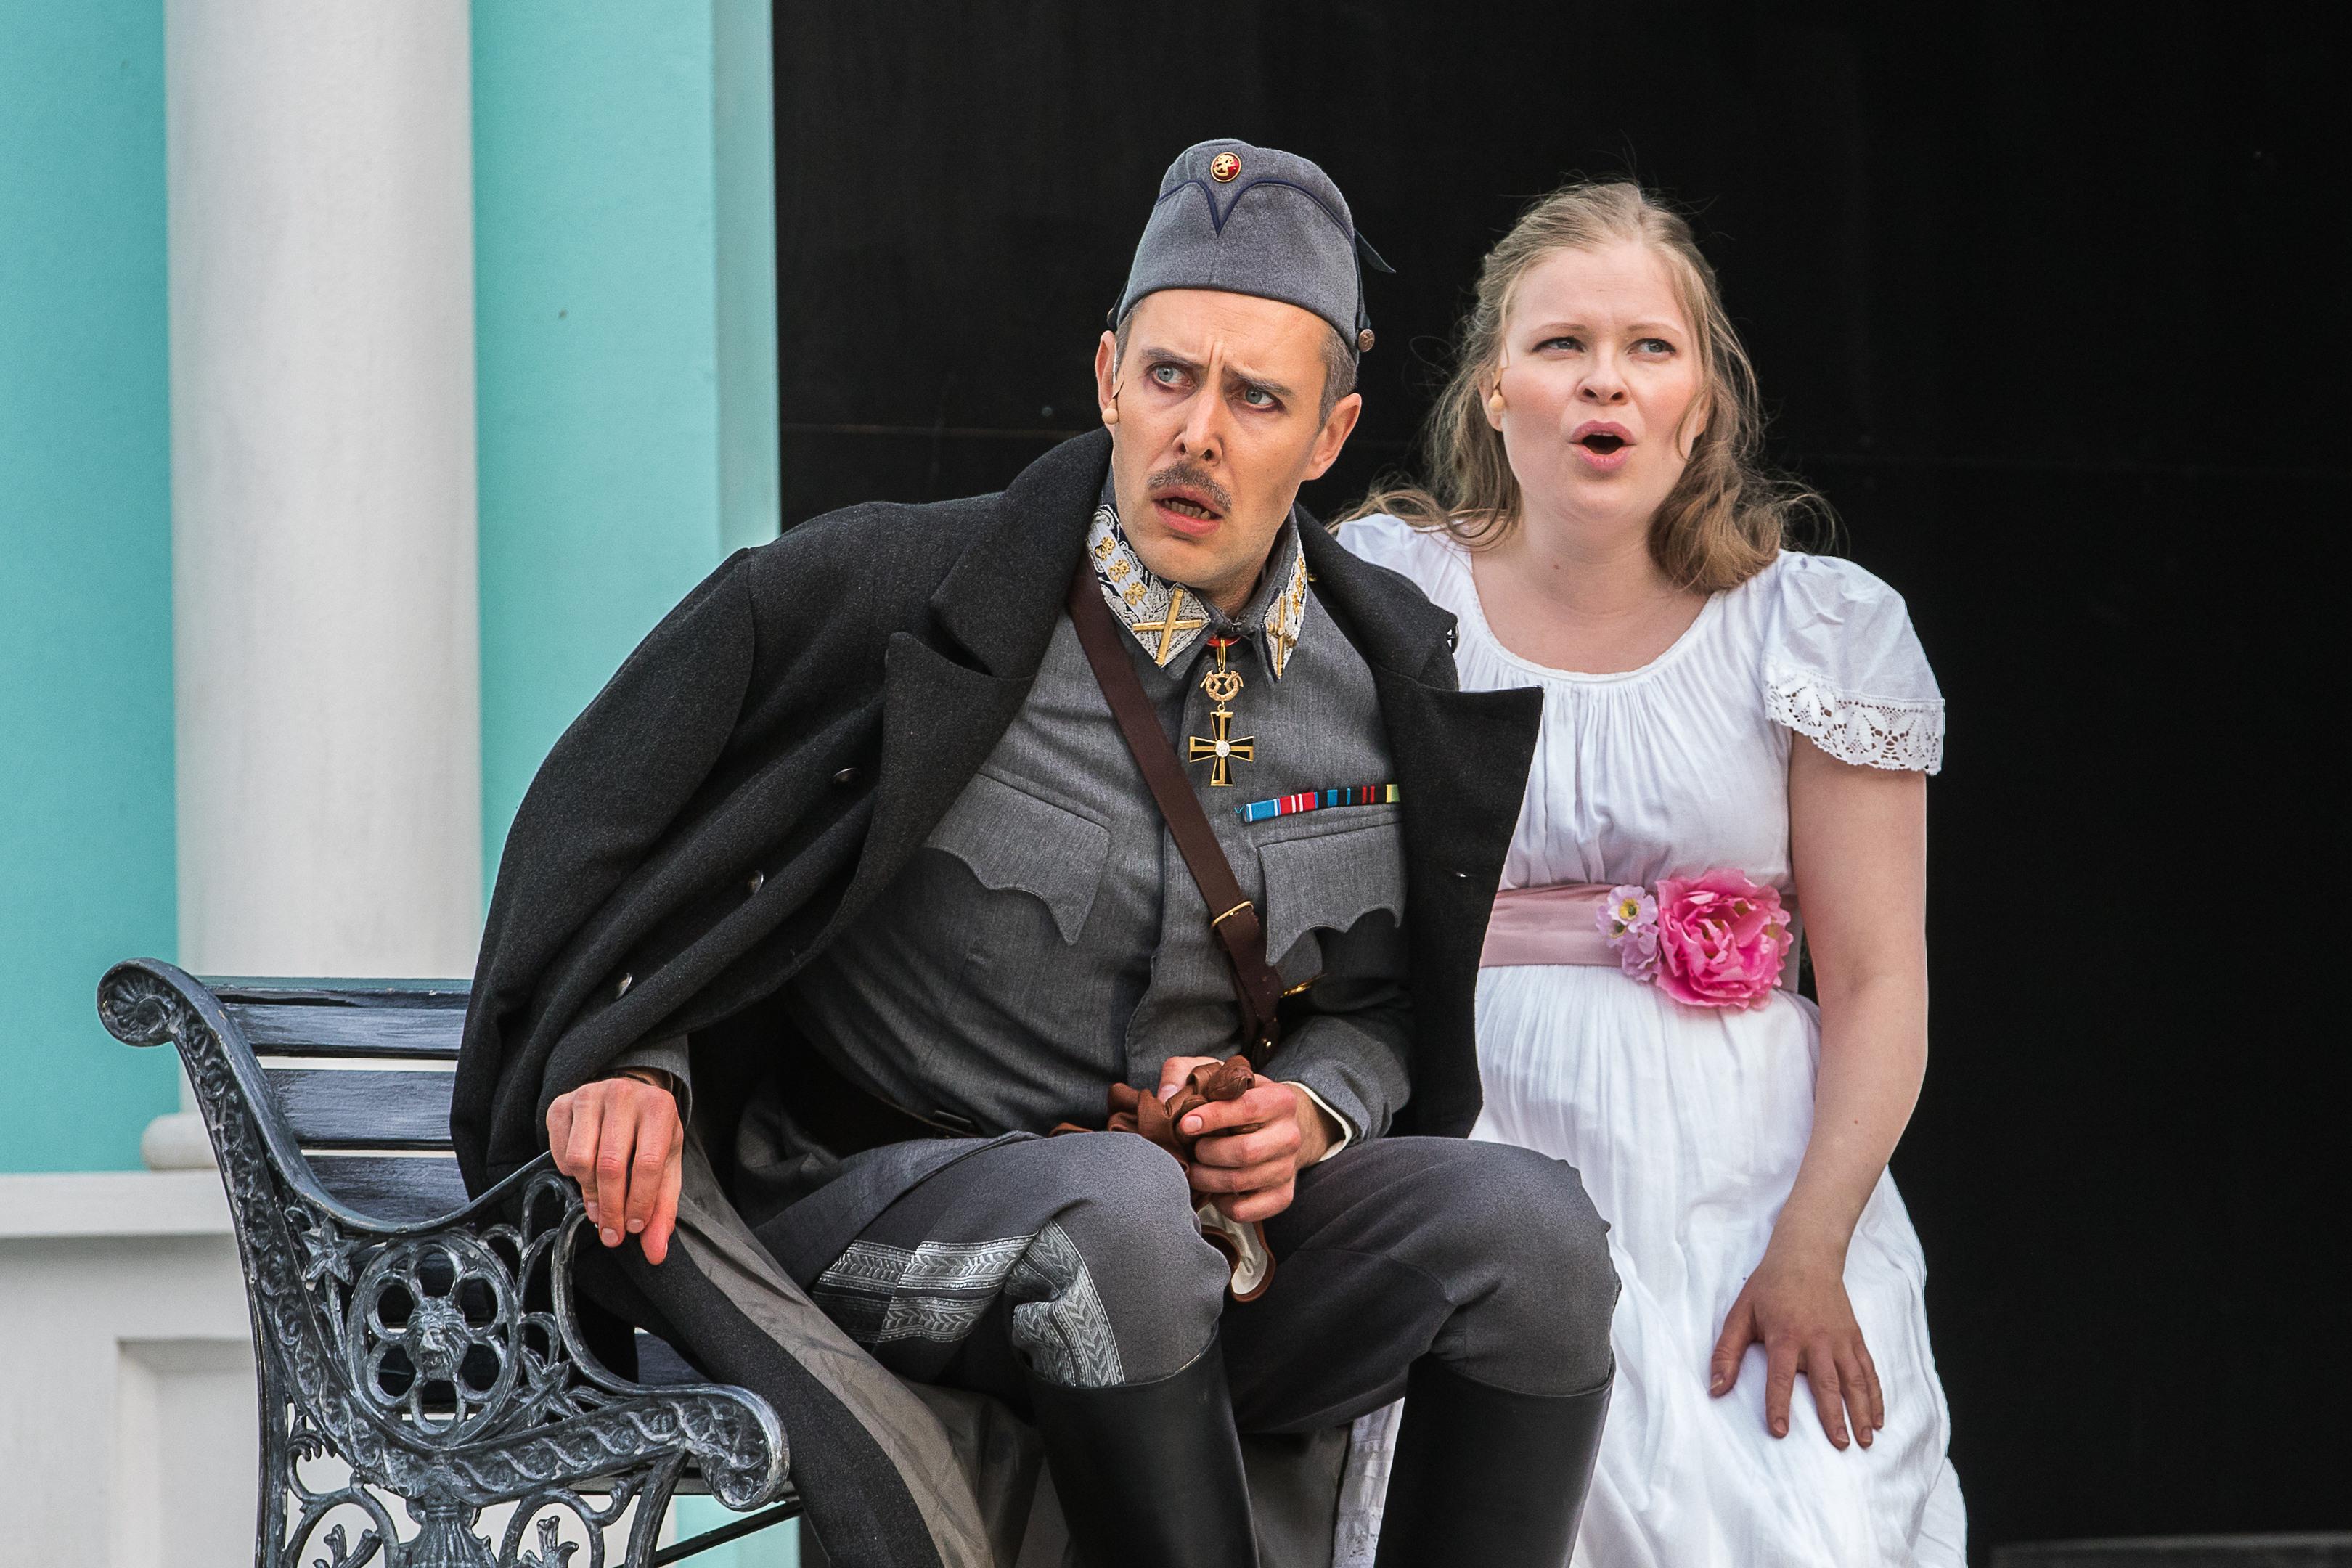 Ilmajoen Mannerheim on operetti